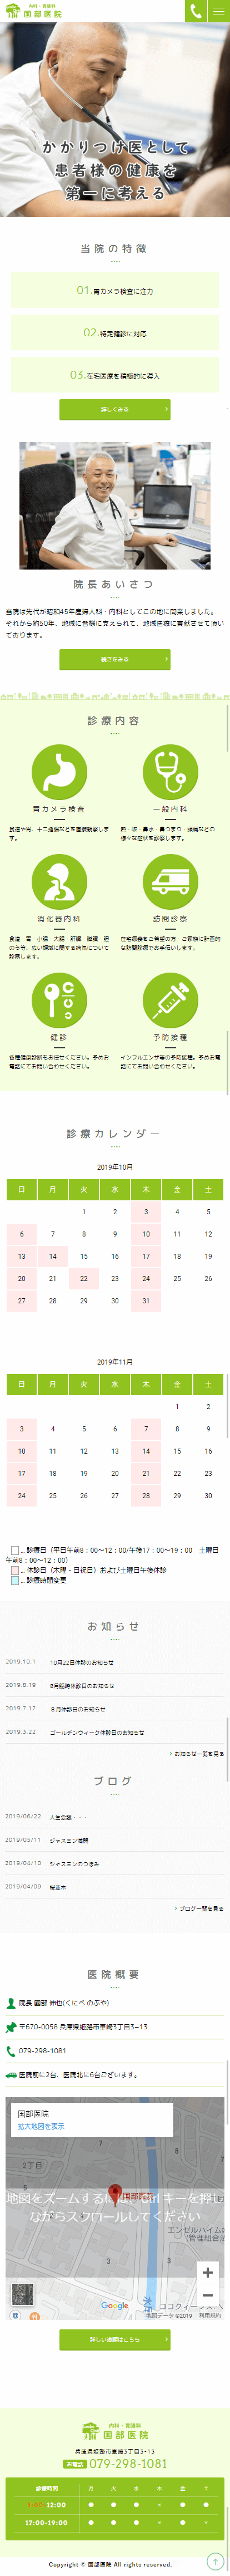 姫路市 国部医院 ホームページ制作3